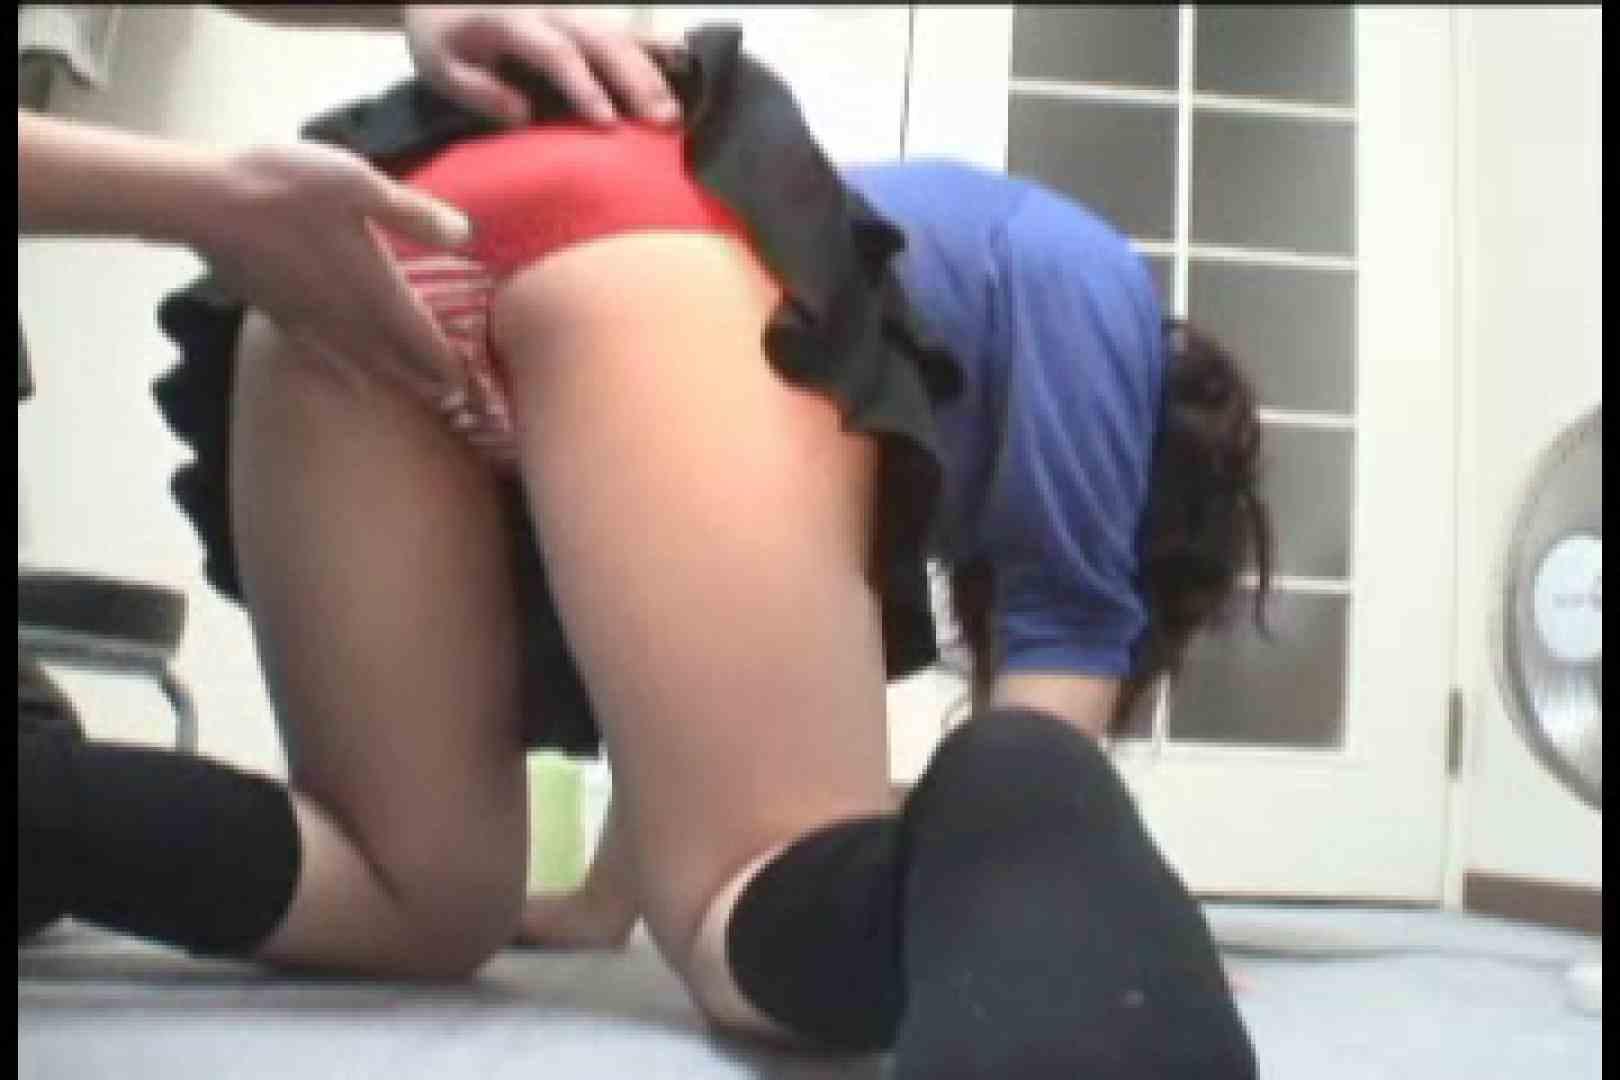 パンツ売りの女の子 けいちゃんvol.1 一般投稿 ワレメ動画紹介 112pic 66